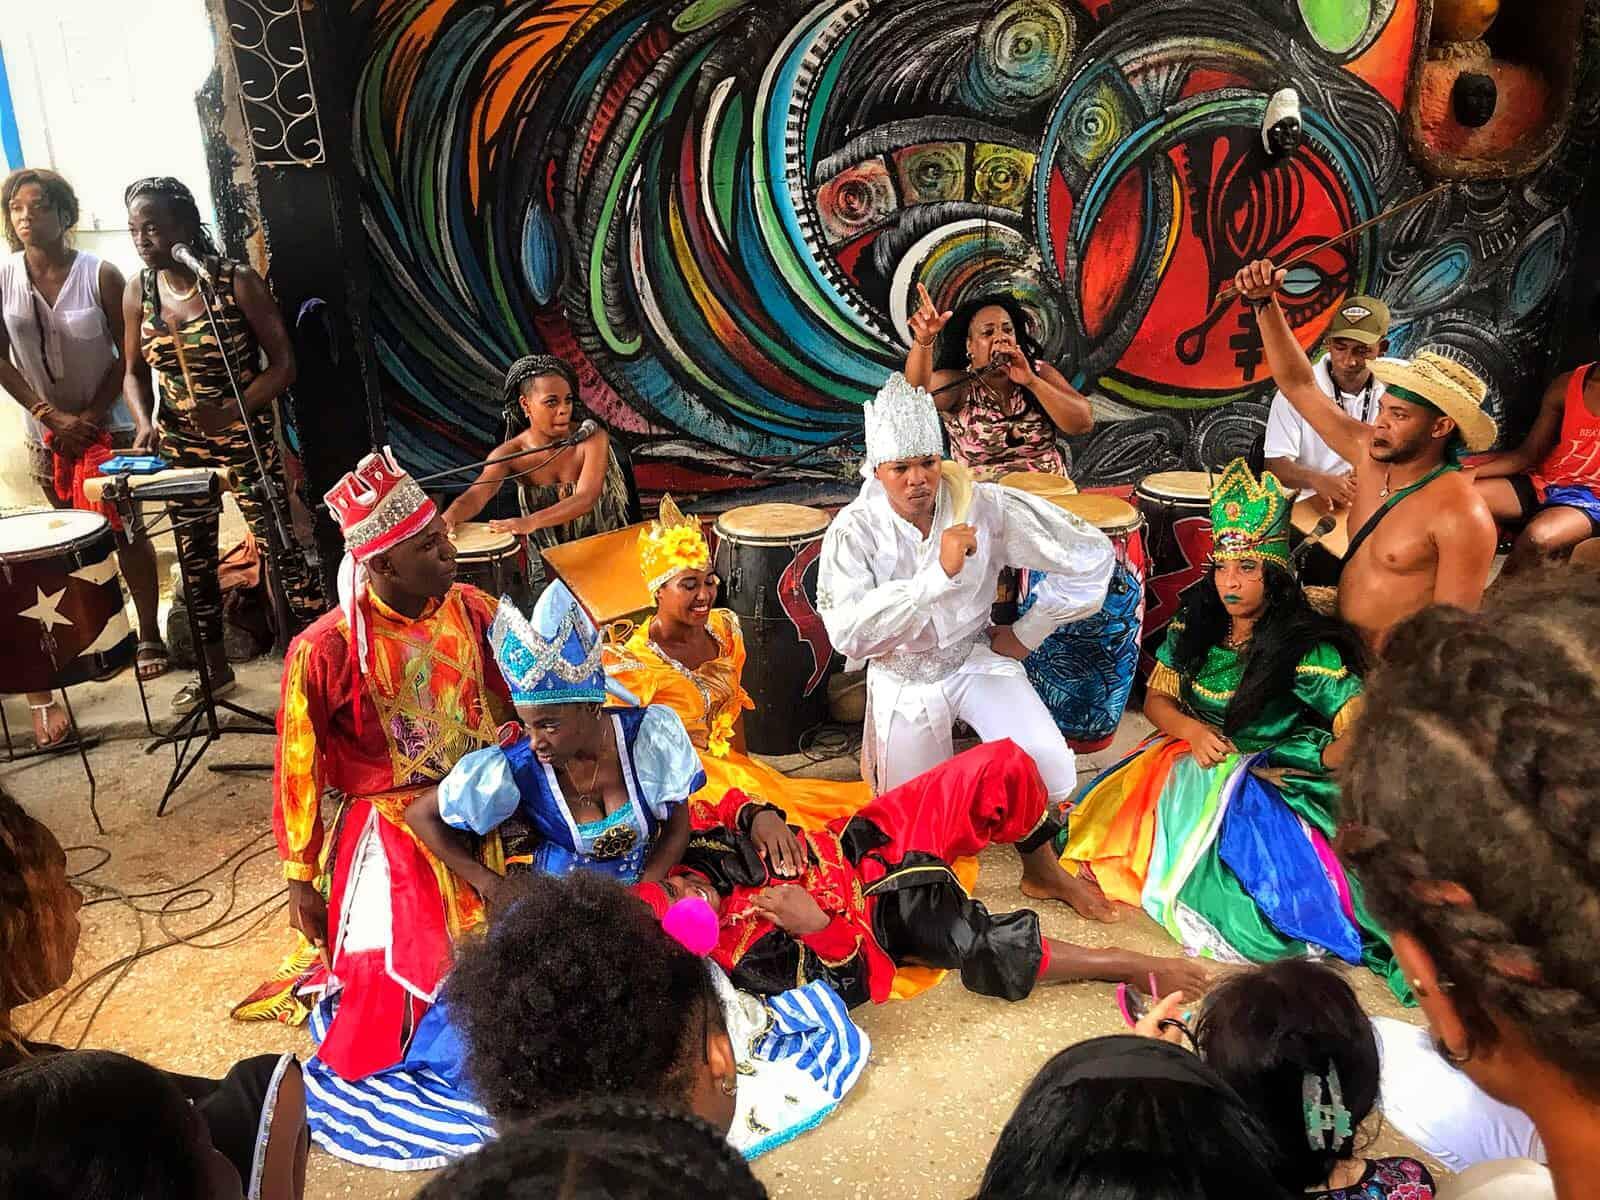 live rumba music